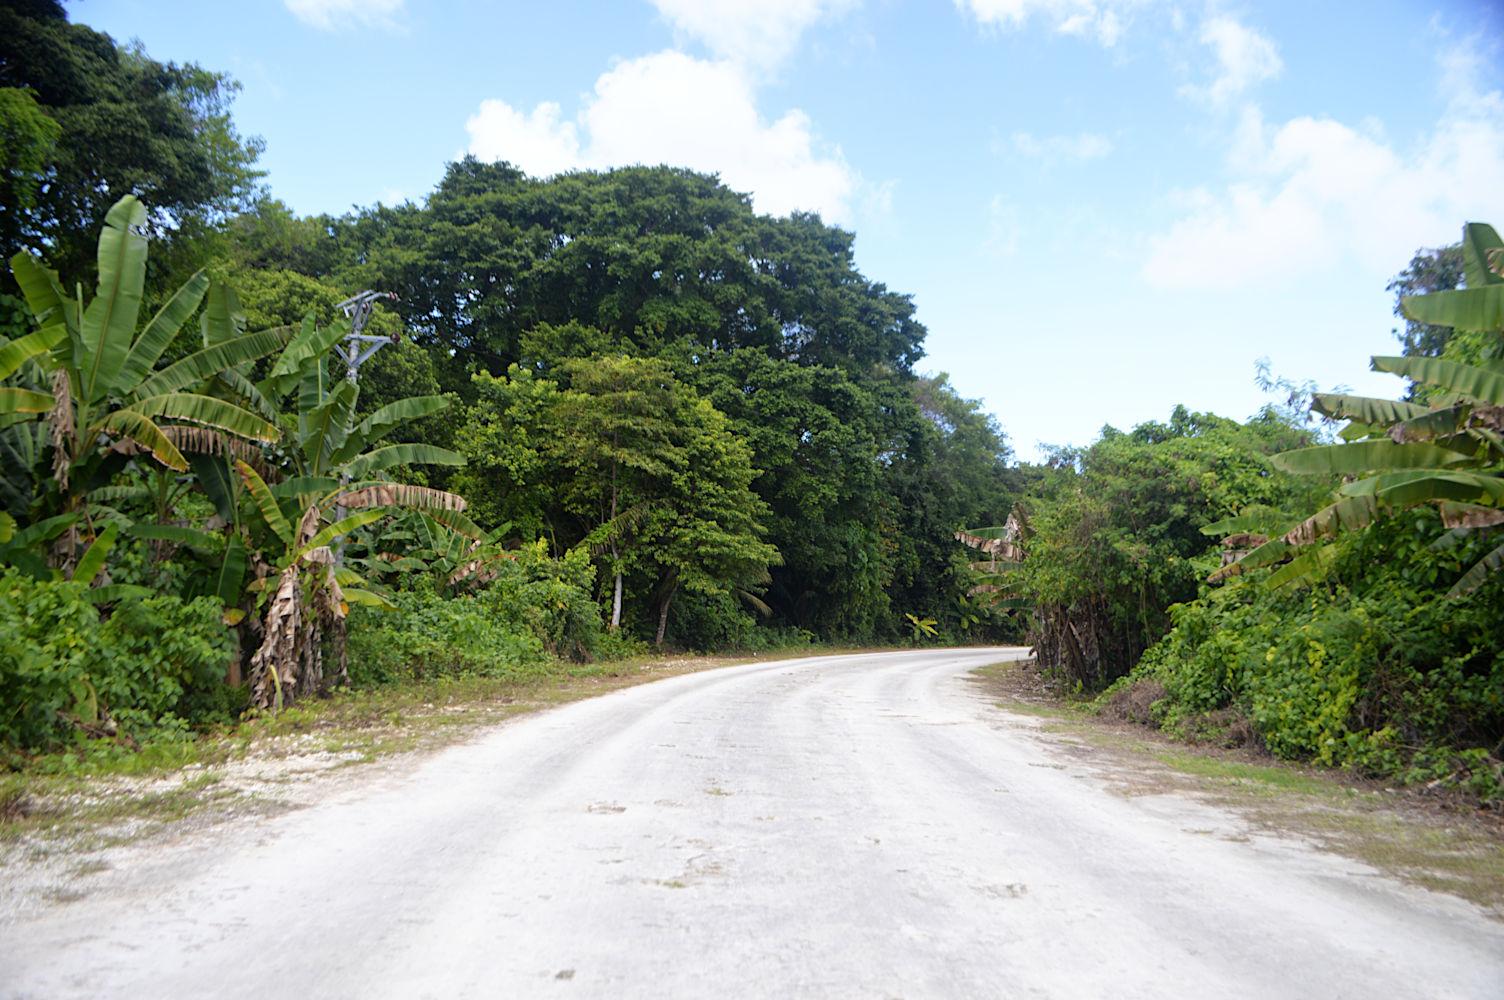 Carretera de Peleliu